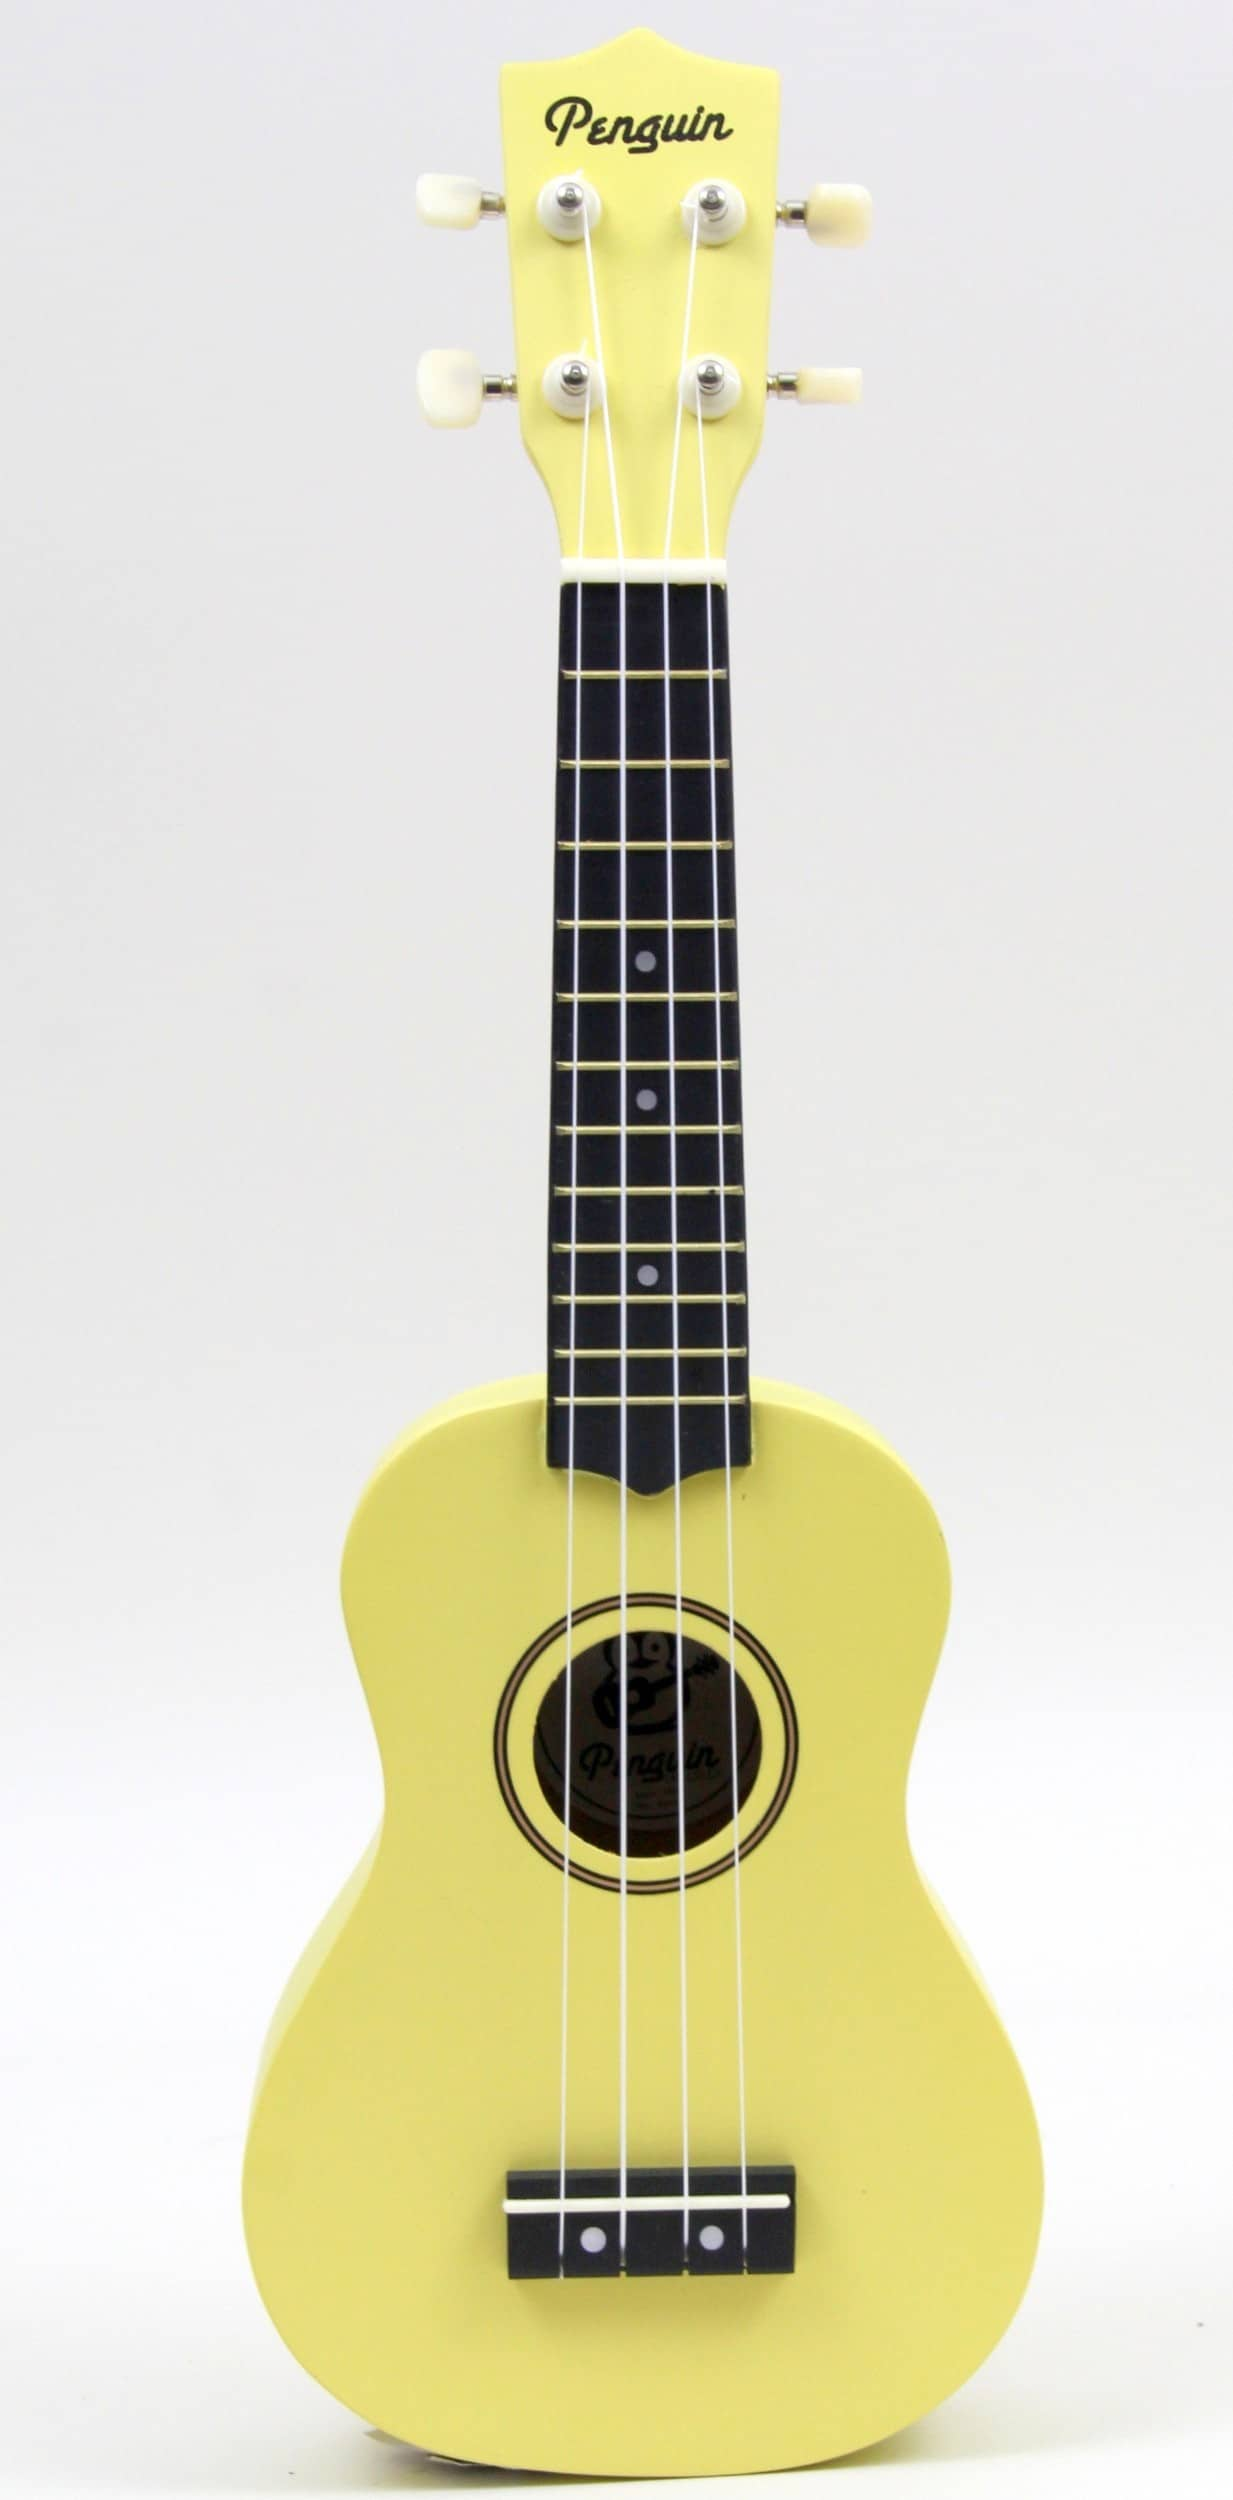 Essay writing service cheap ukulele